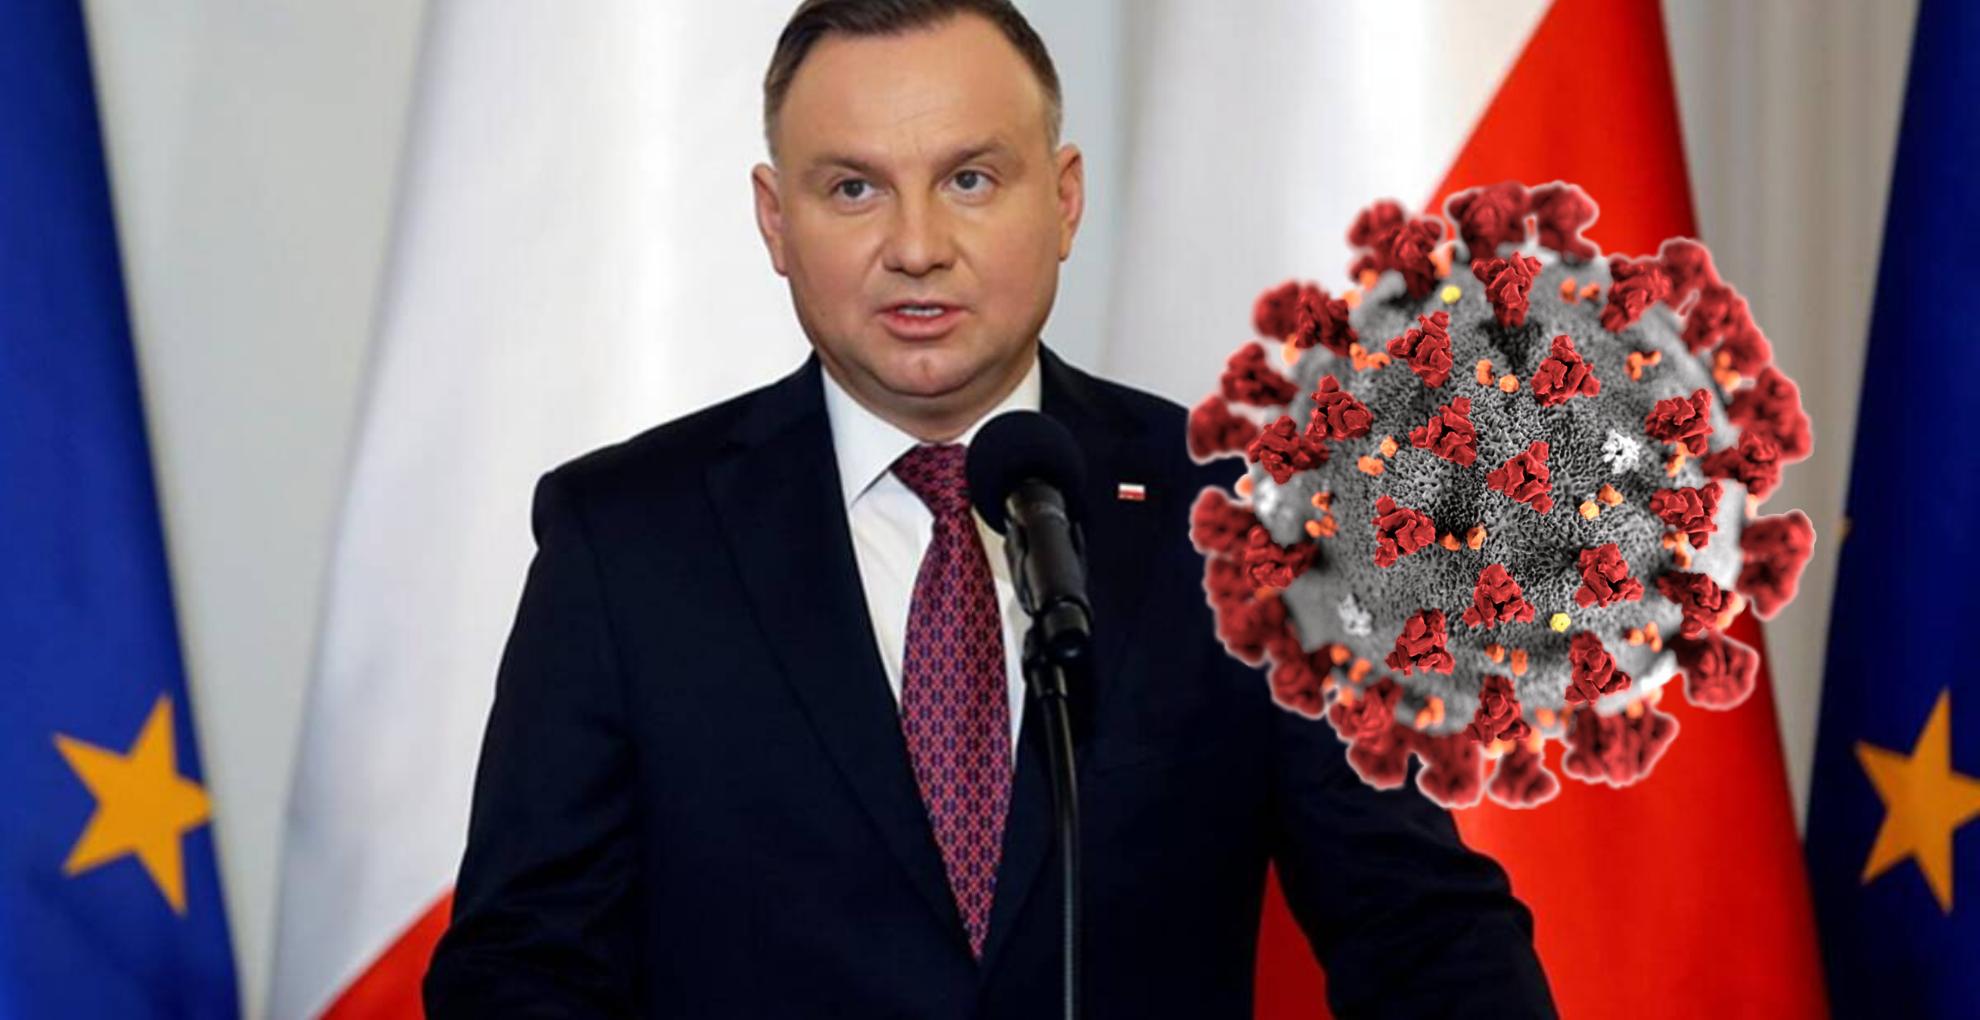 Lovitura supremă pentru președinte este infectat cu coronavirus! Moment critic în Polonia